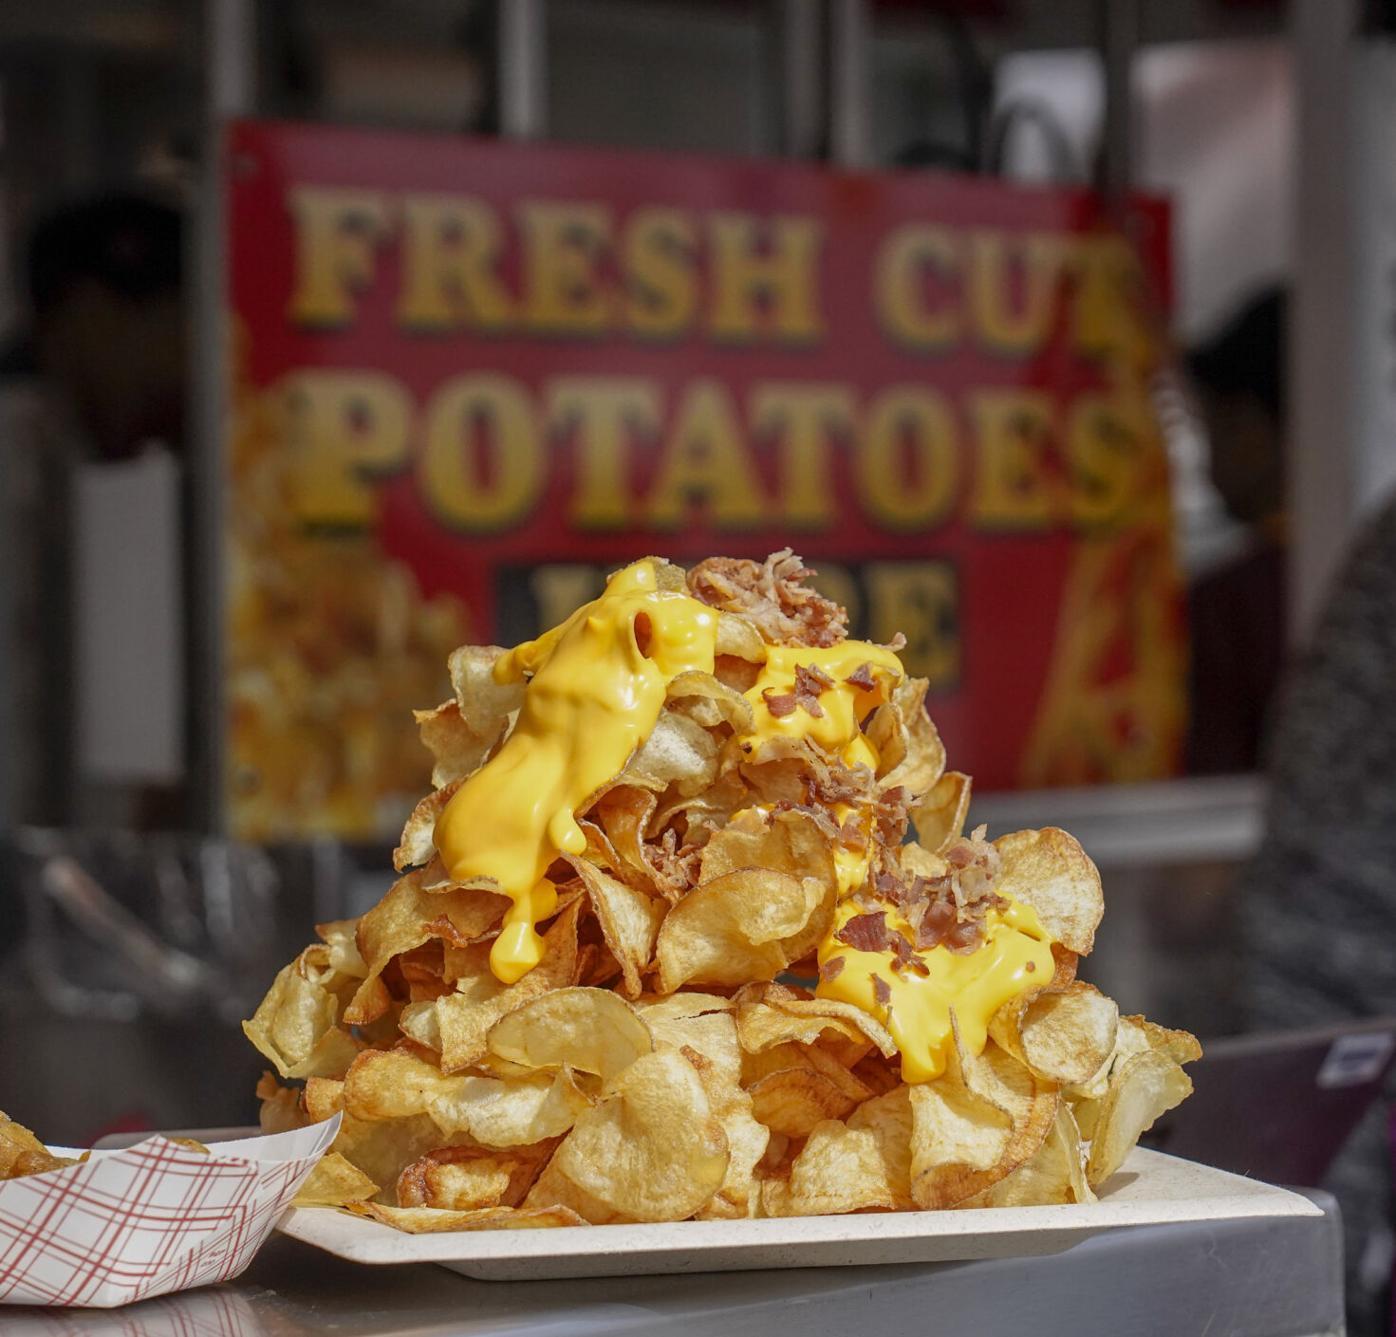 Pile of potato fries